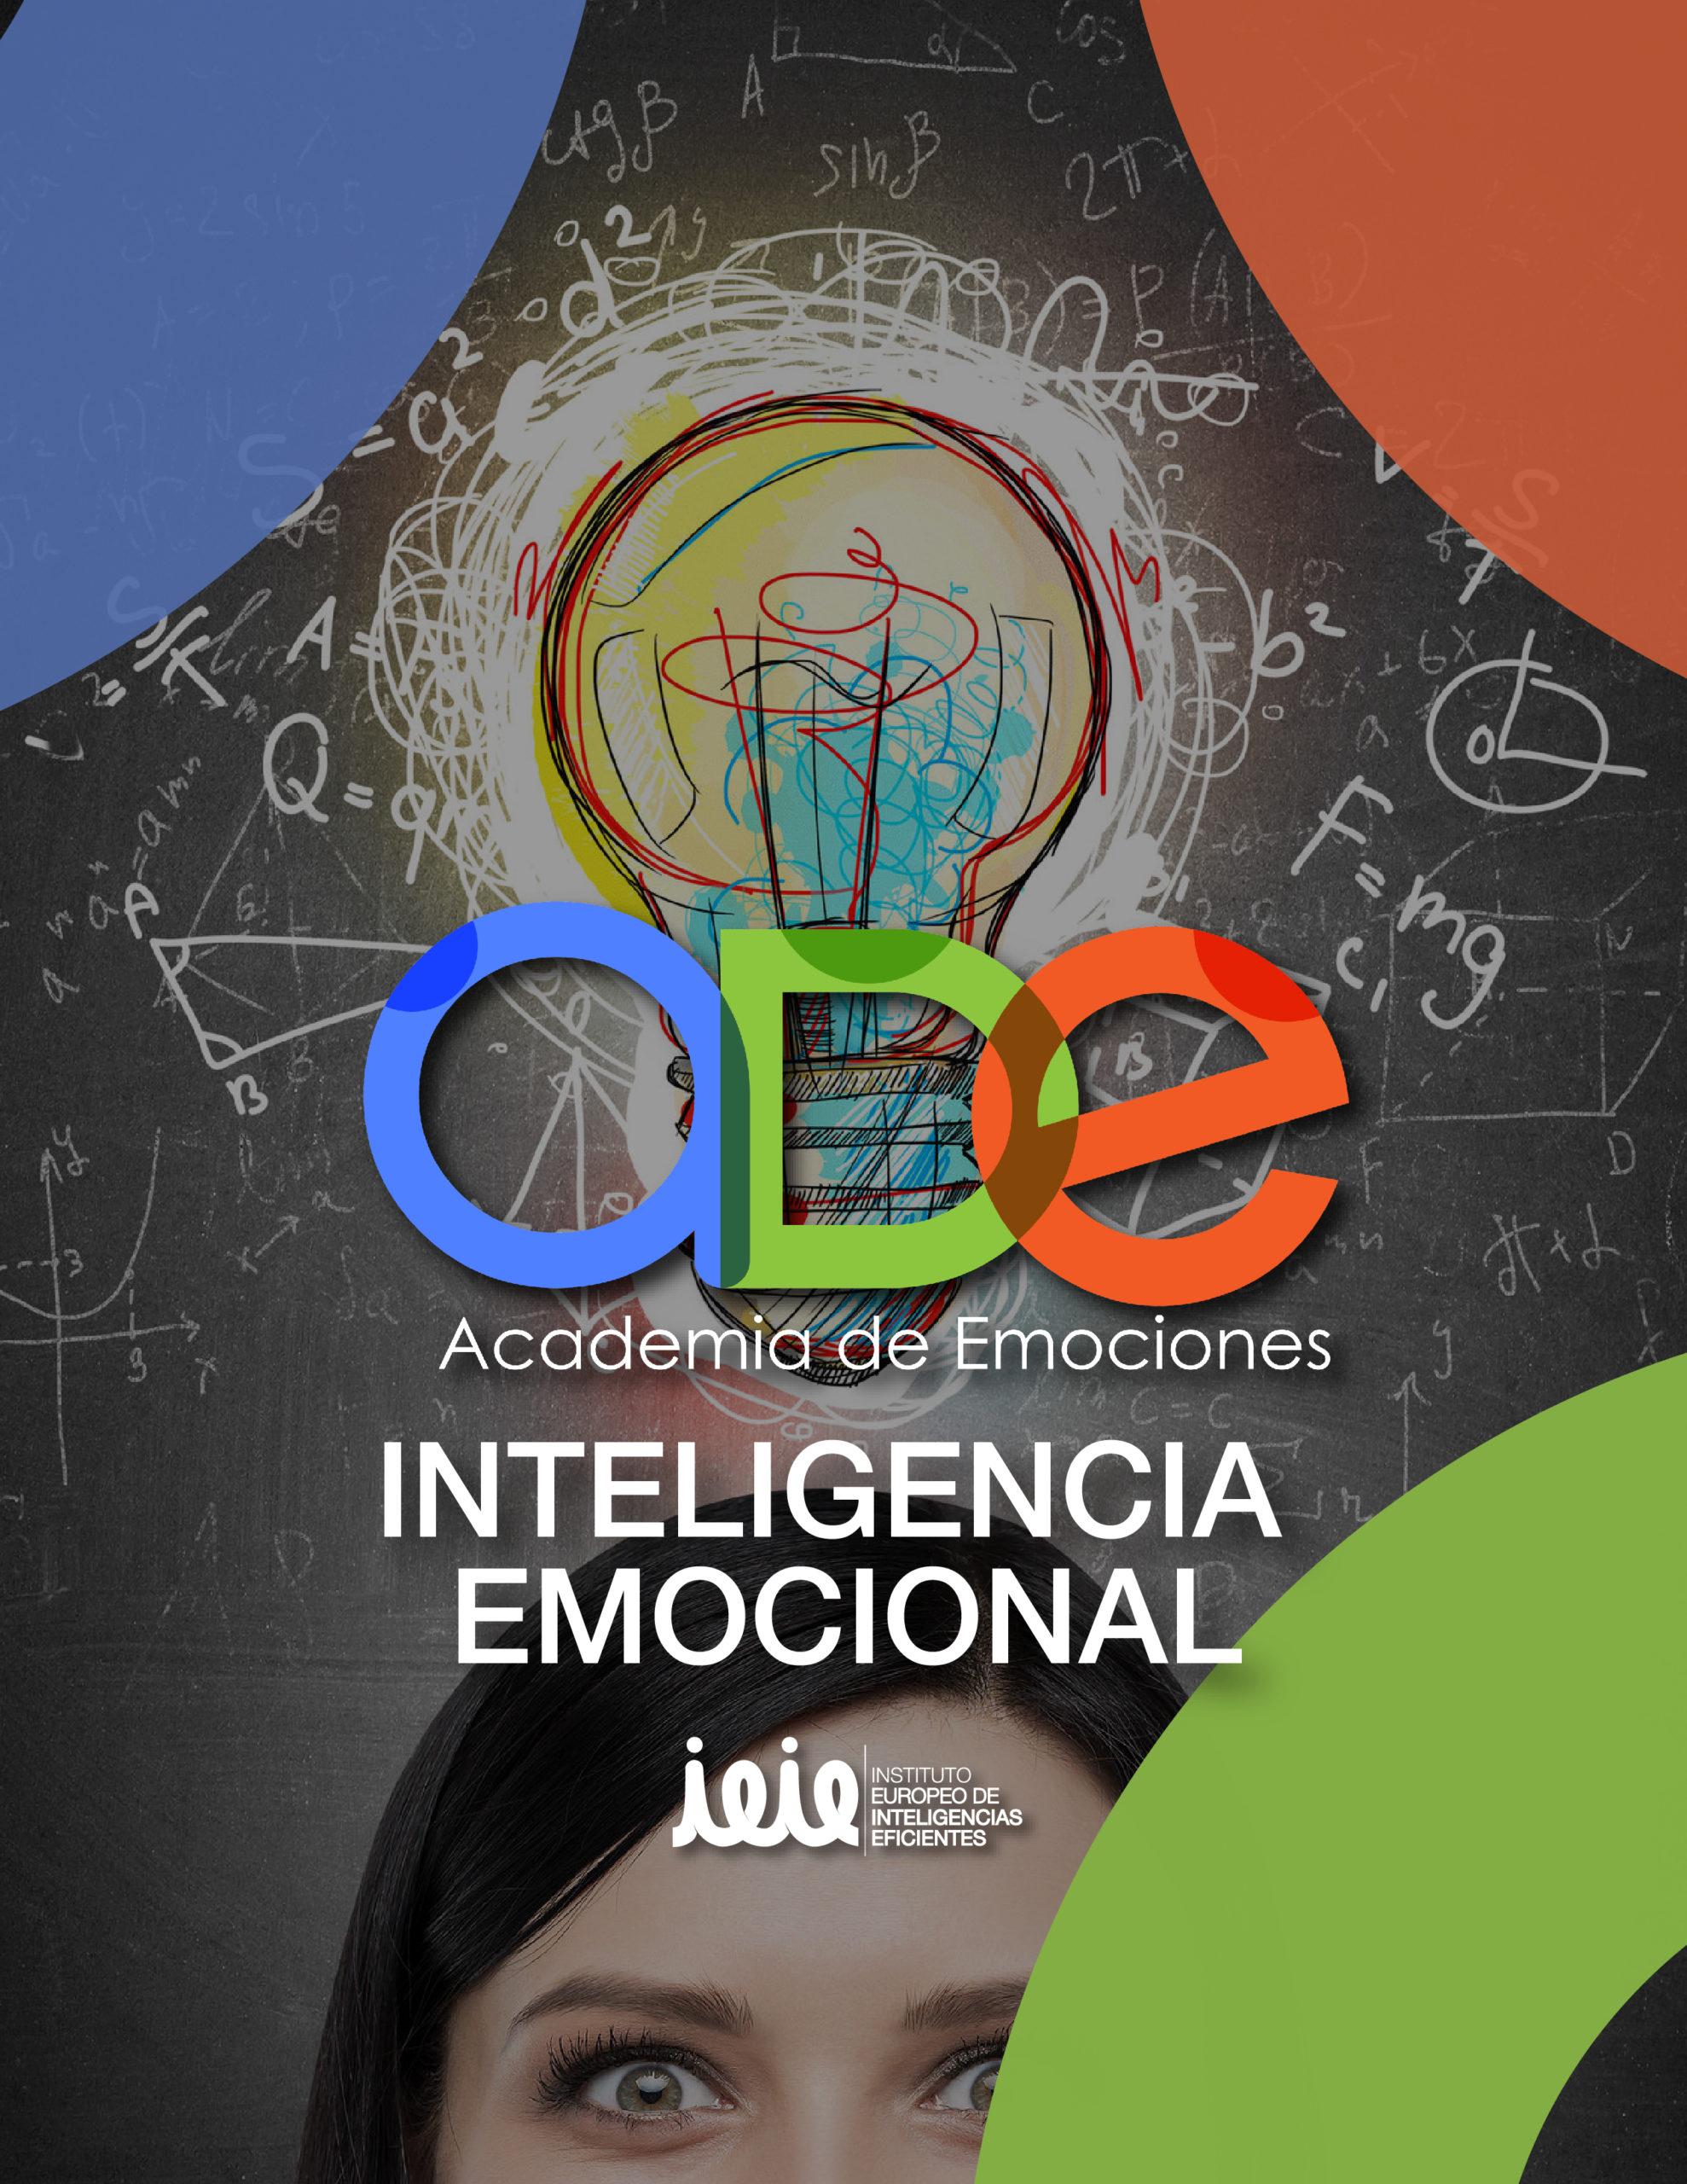 LP - Ebook Inteligencia Emocional